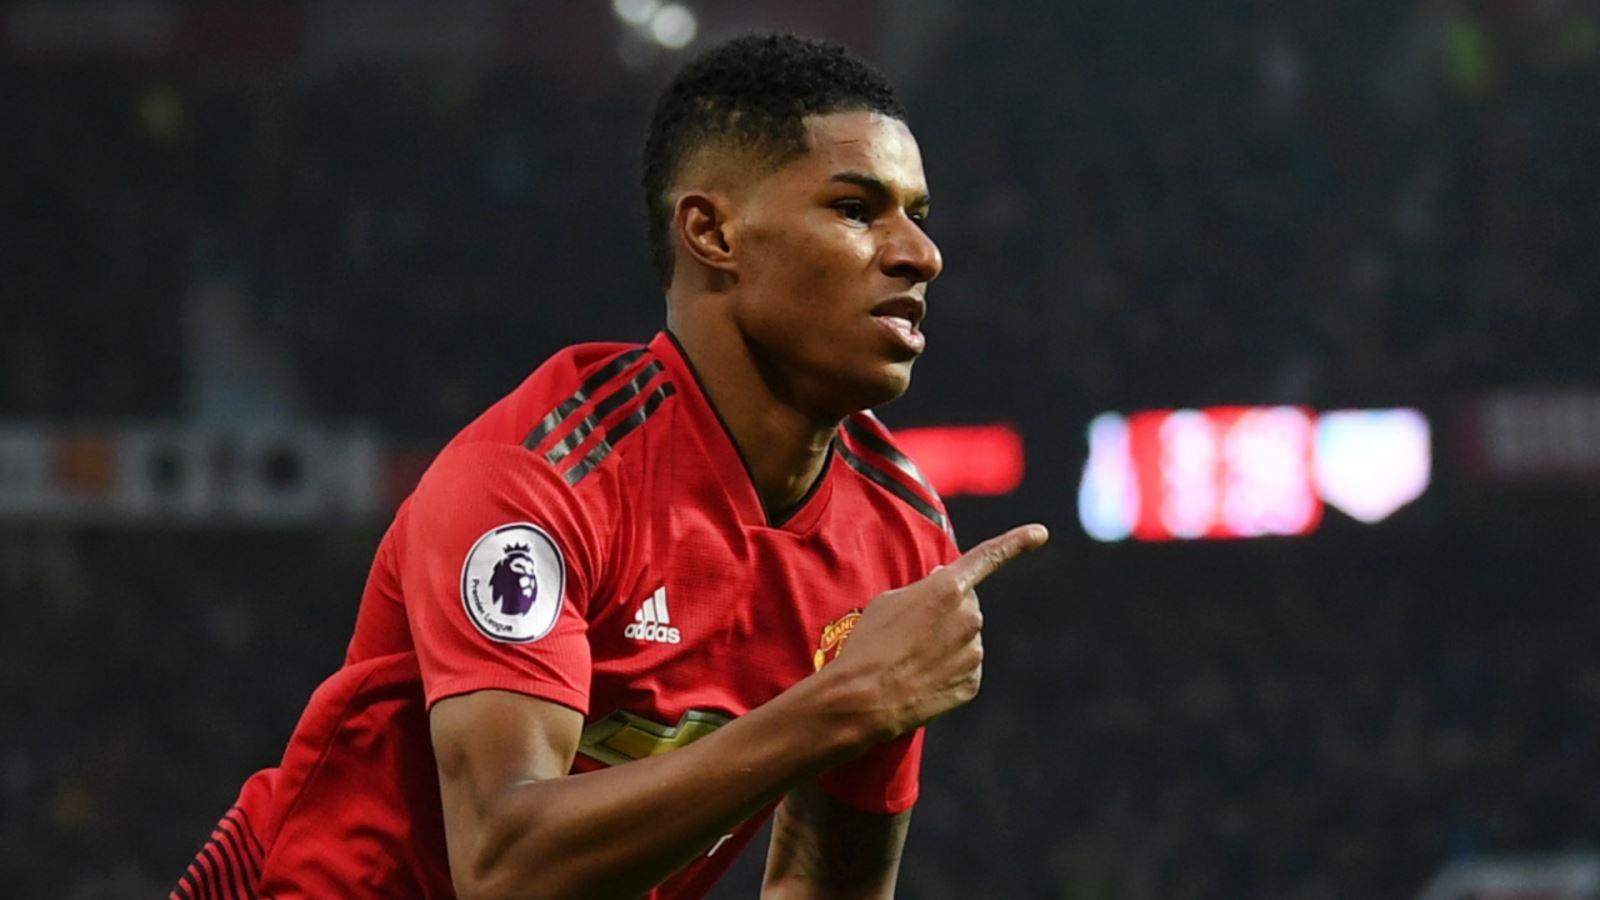 MU, manchester united, chuyển nhượng MU, tin chuyển nhượng MU, Pogba, De Ligt, Lukaku, Rashford, Alexis Sanchez, MU mua cầu thủ nào